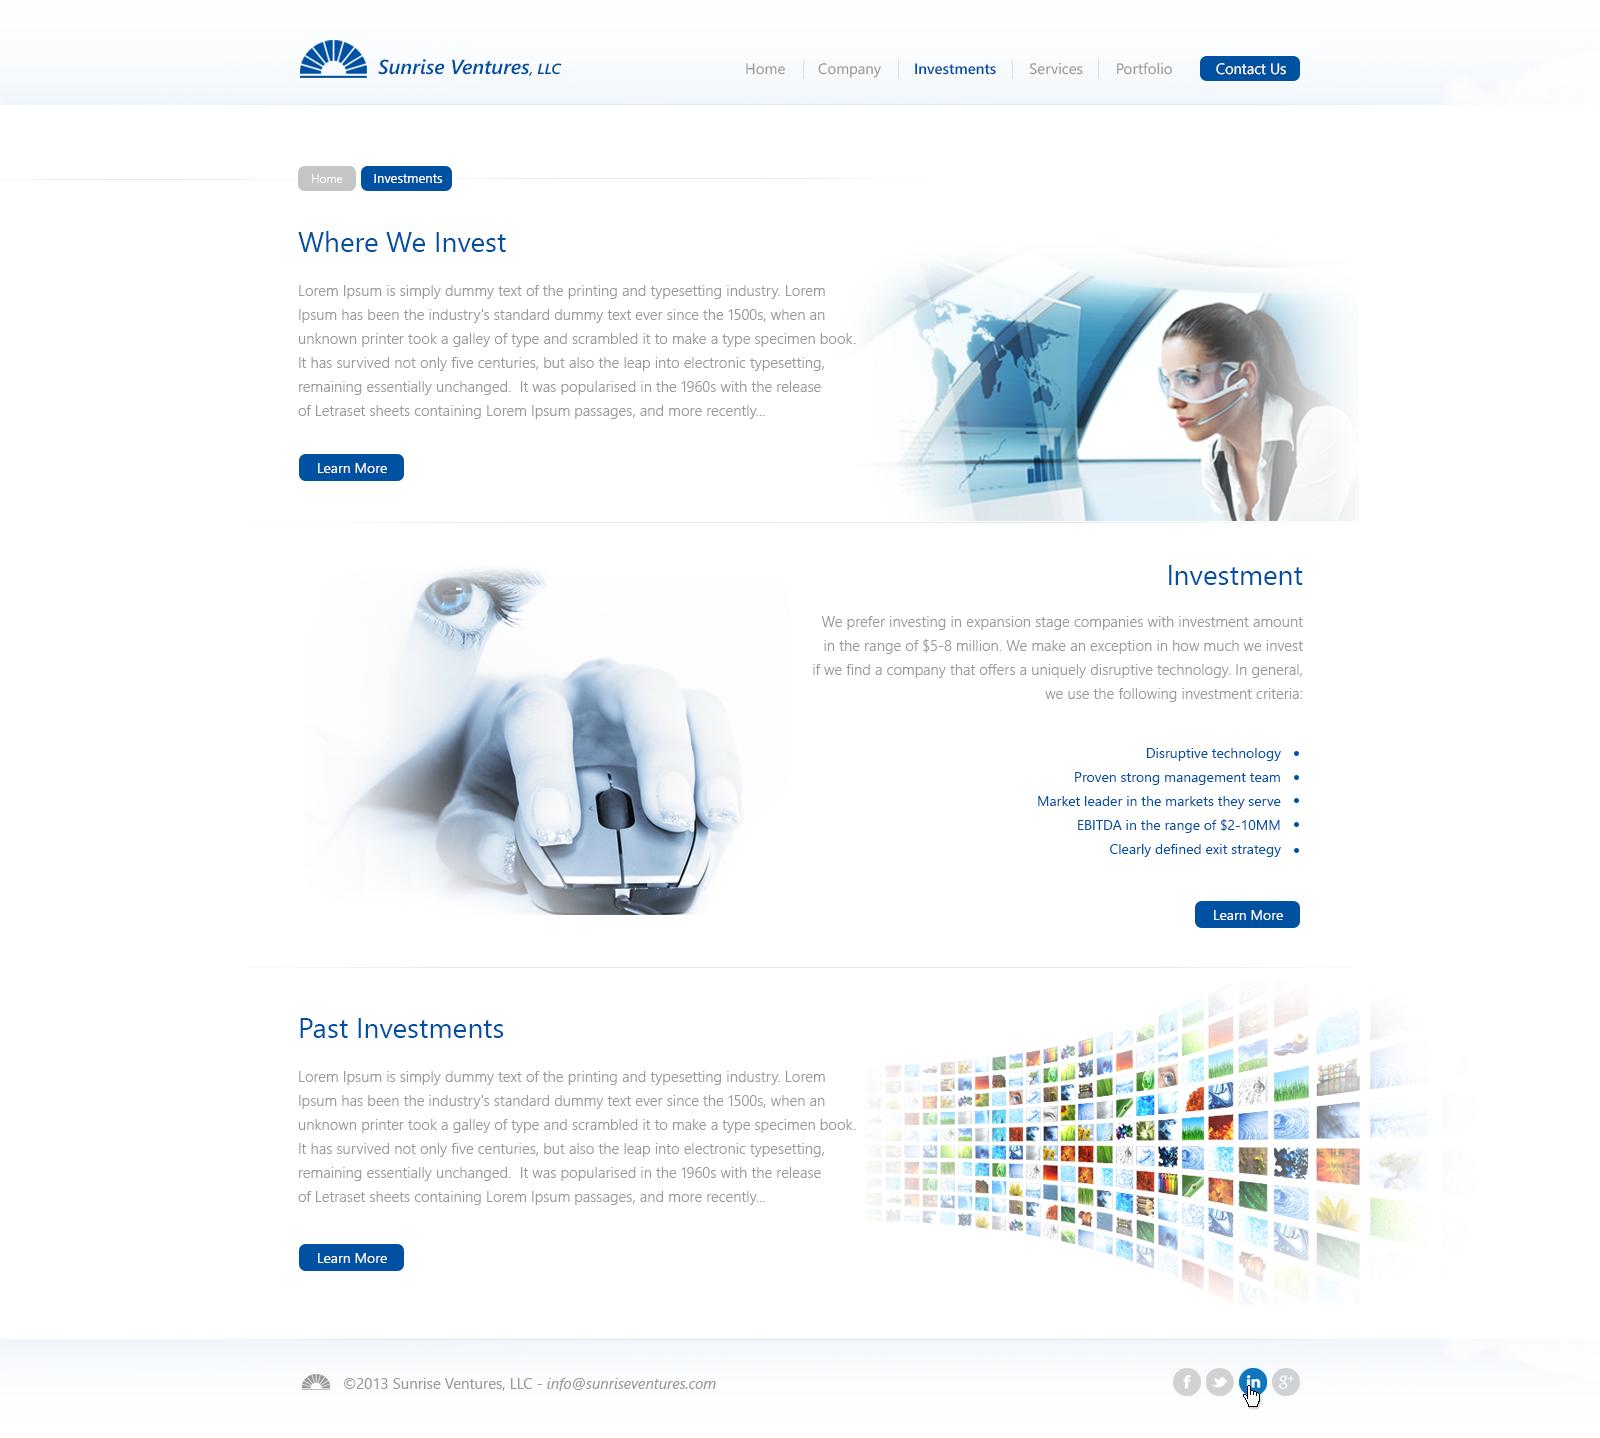 Create the next website design for Sunrise Ventures LLC